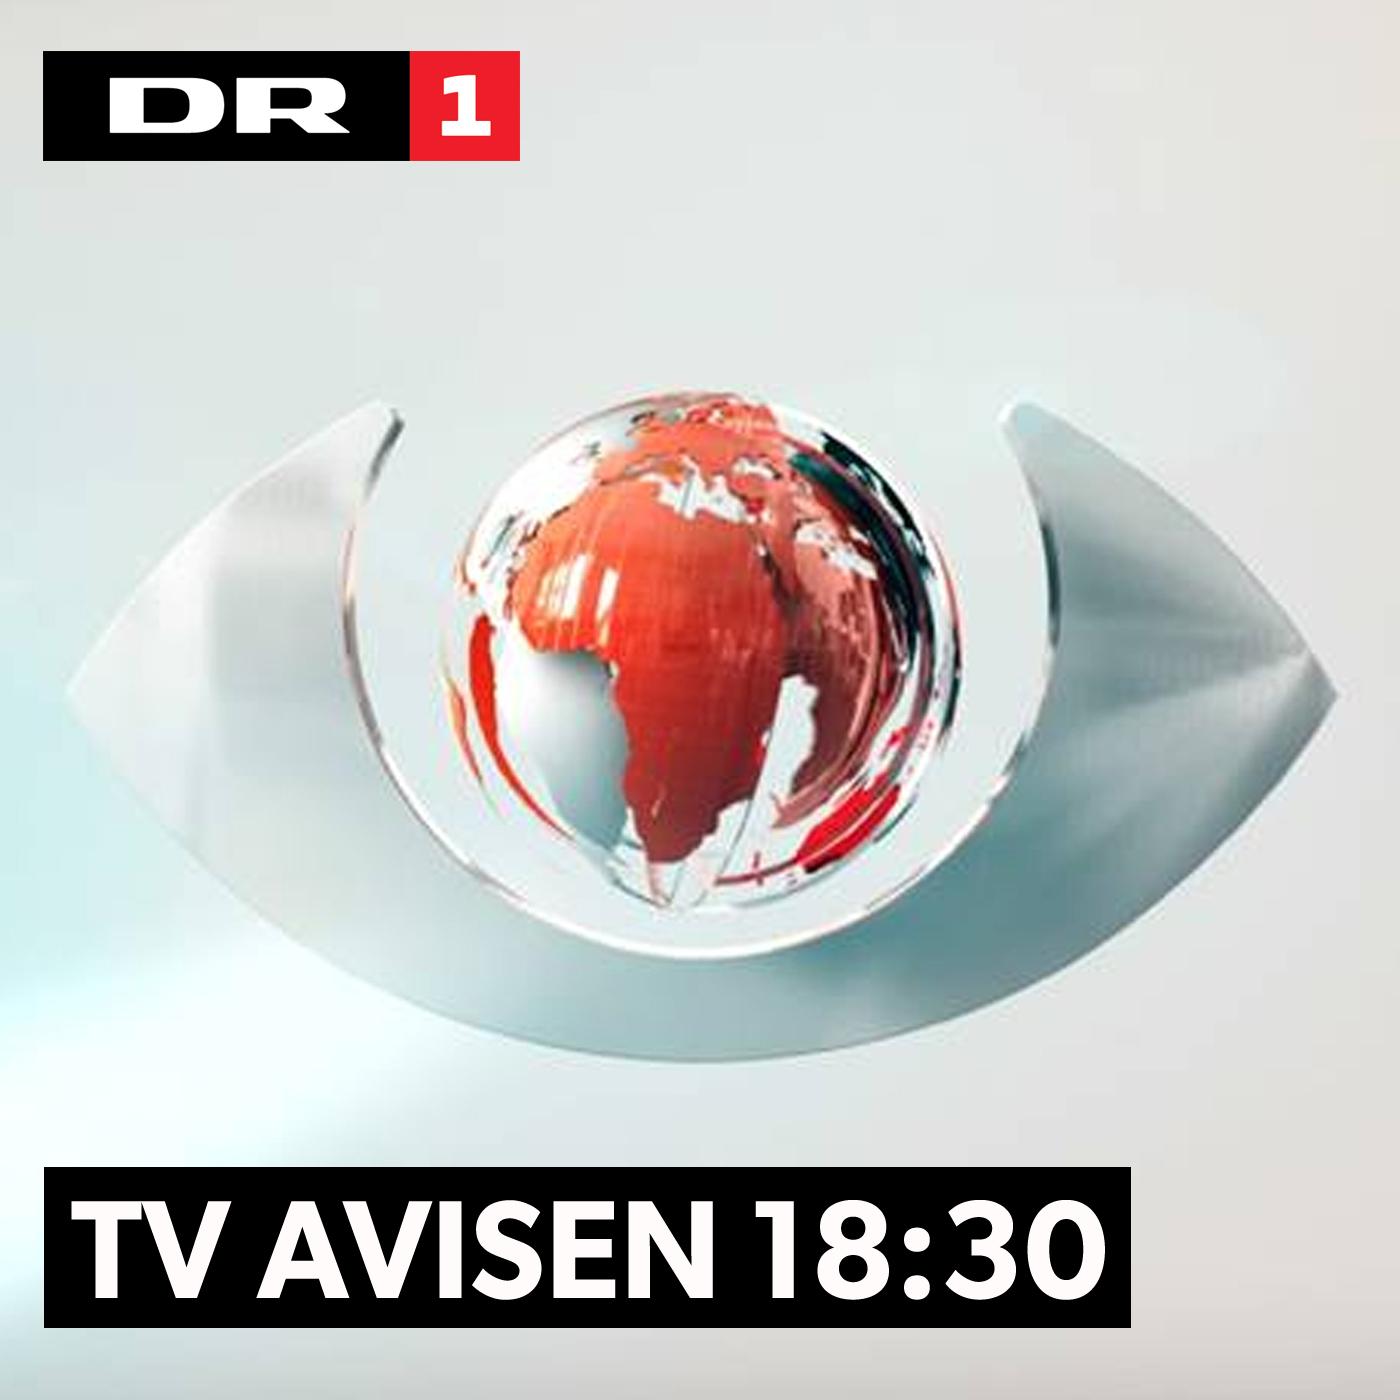 TV AVISEN 18:30